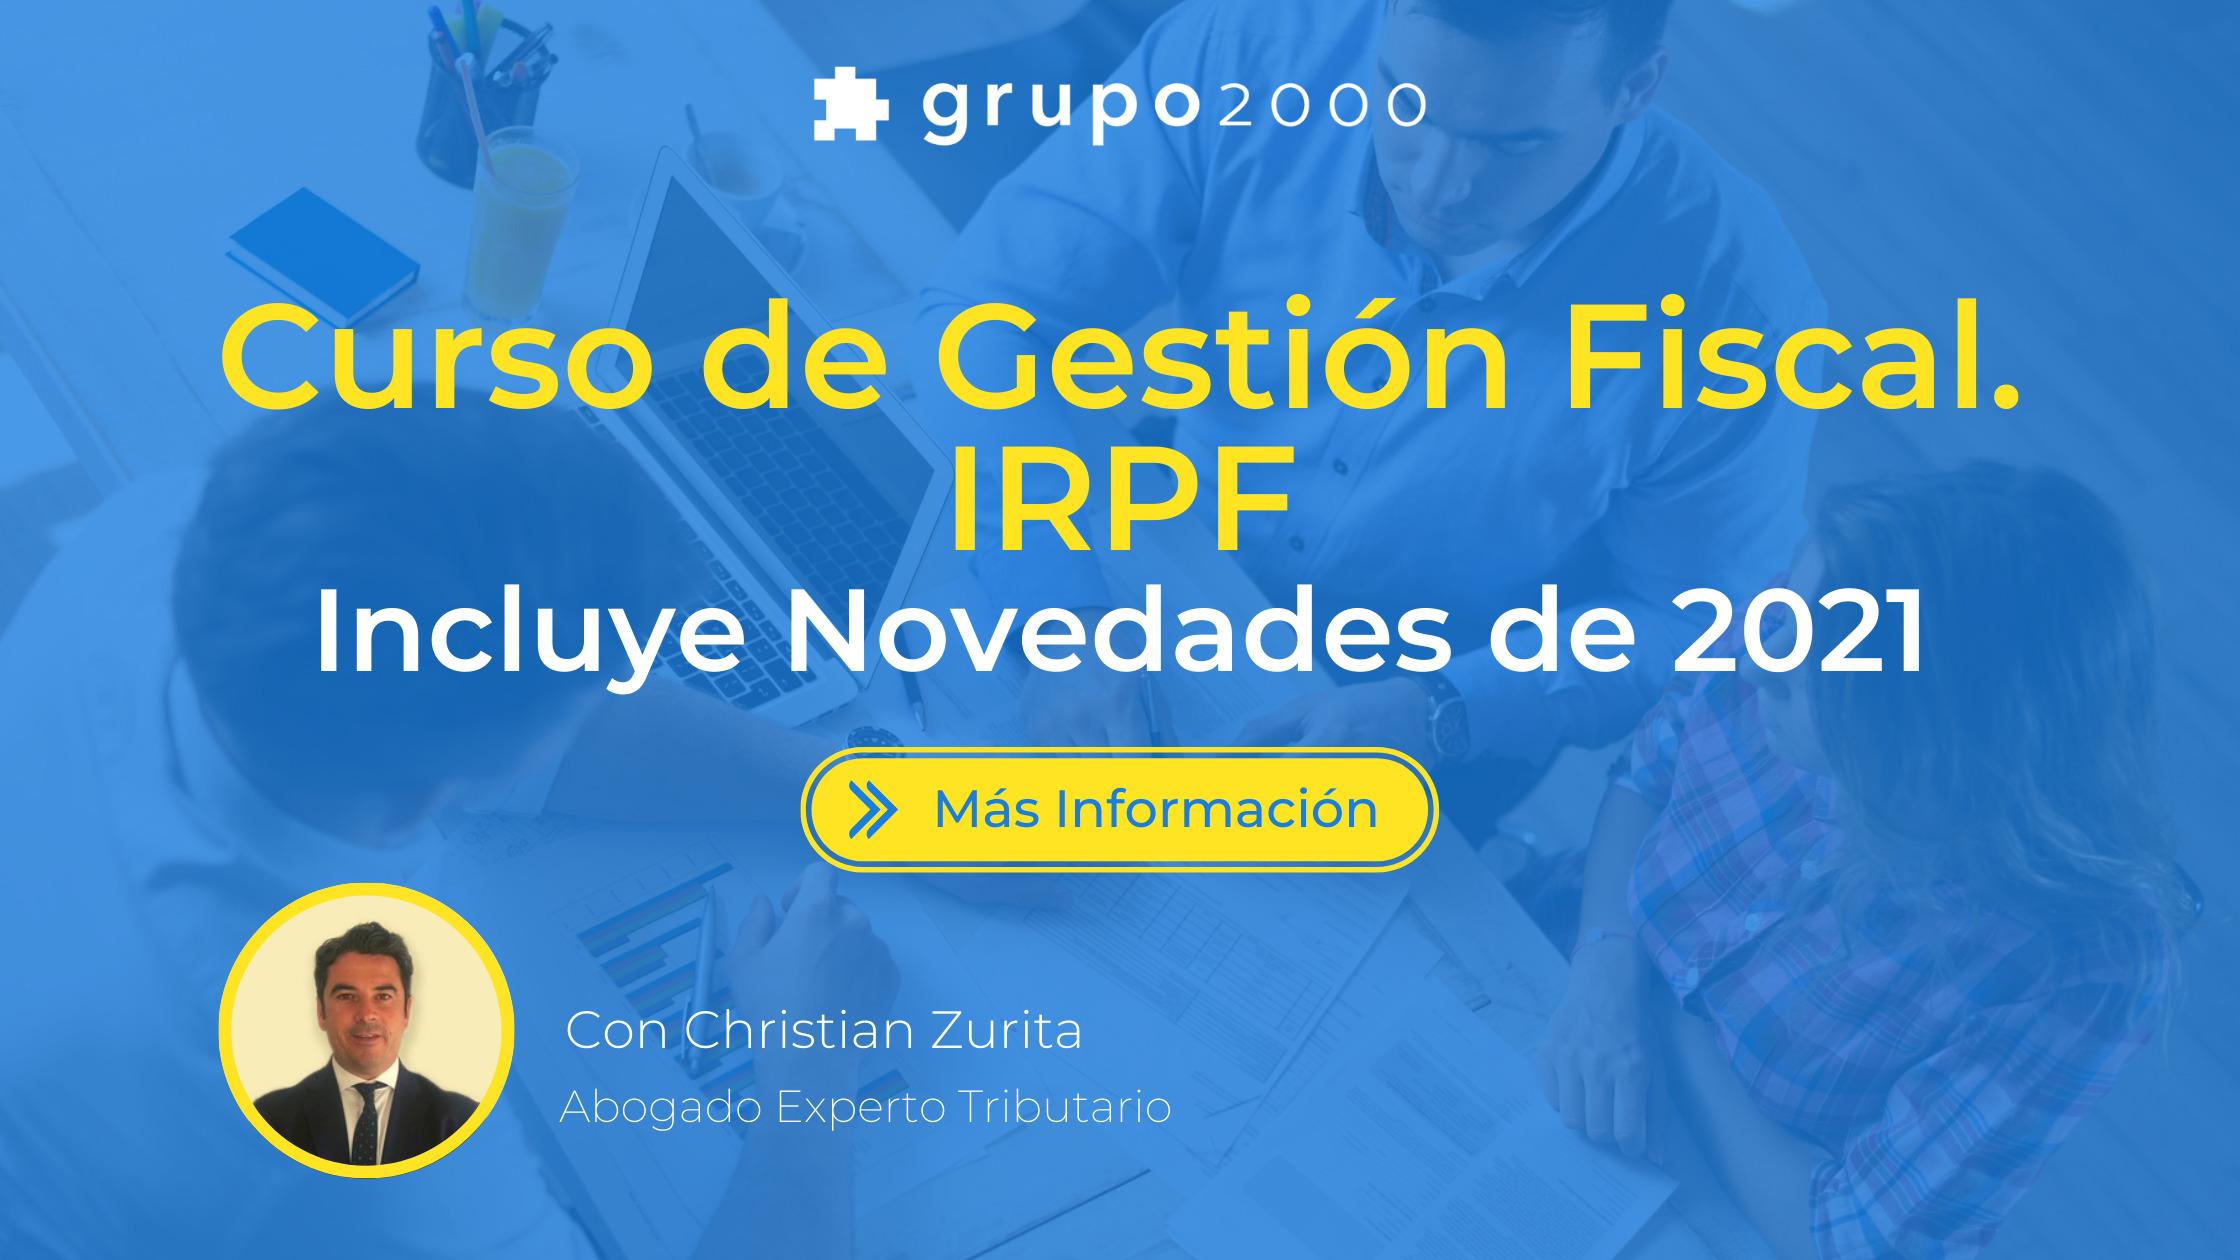 Curso de gestión fiscal IRPF. Incluye novedades 2021